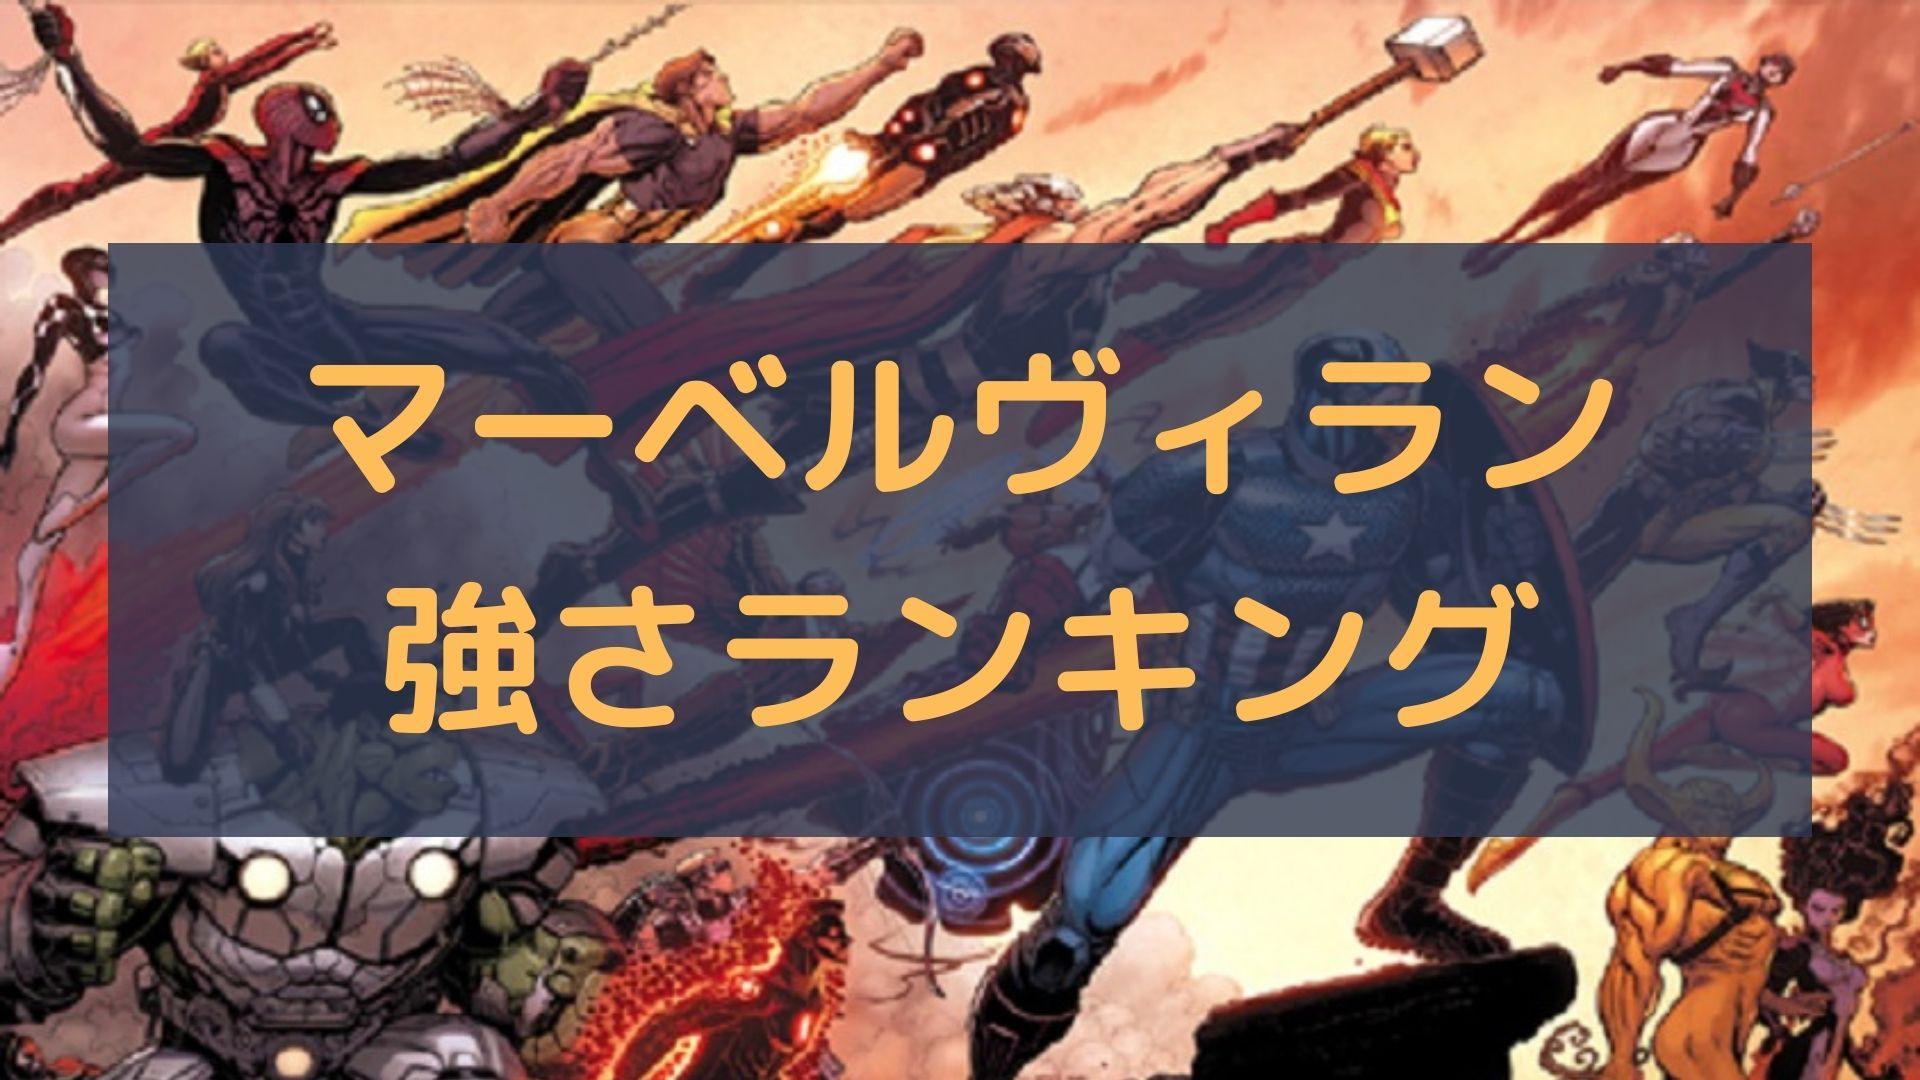 【まとめ】マーベル作品におけるヴィランの強さランキング!【原作】